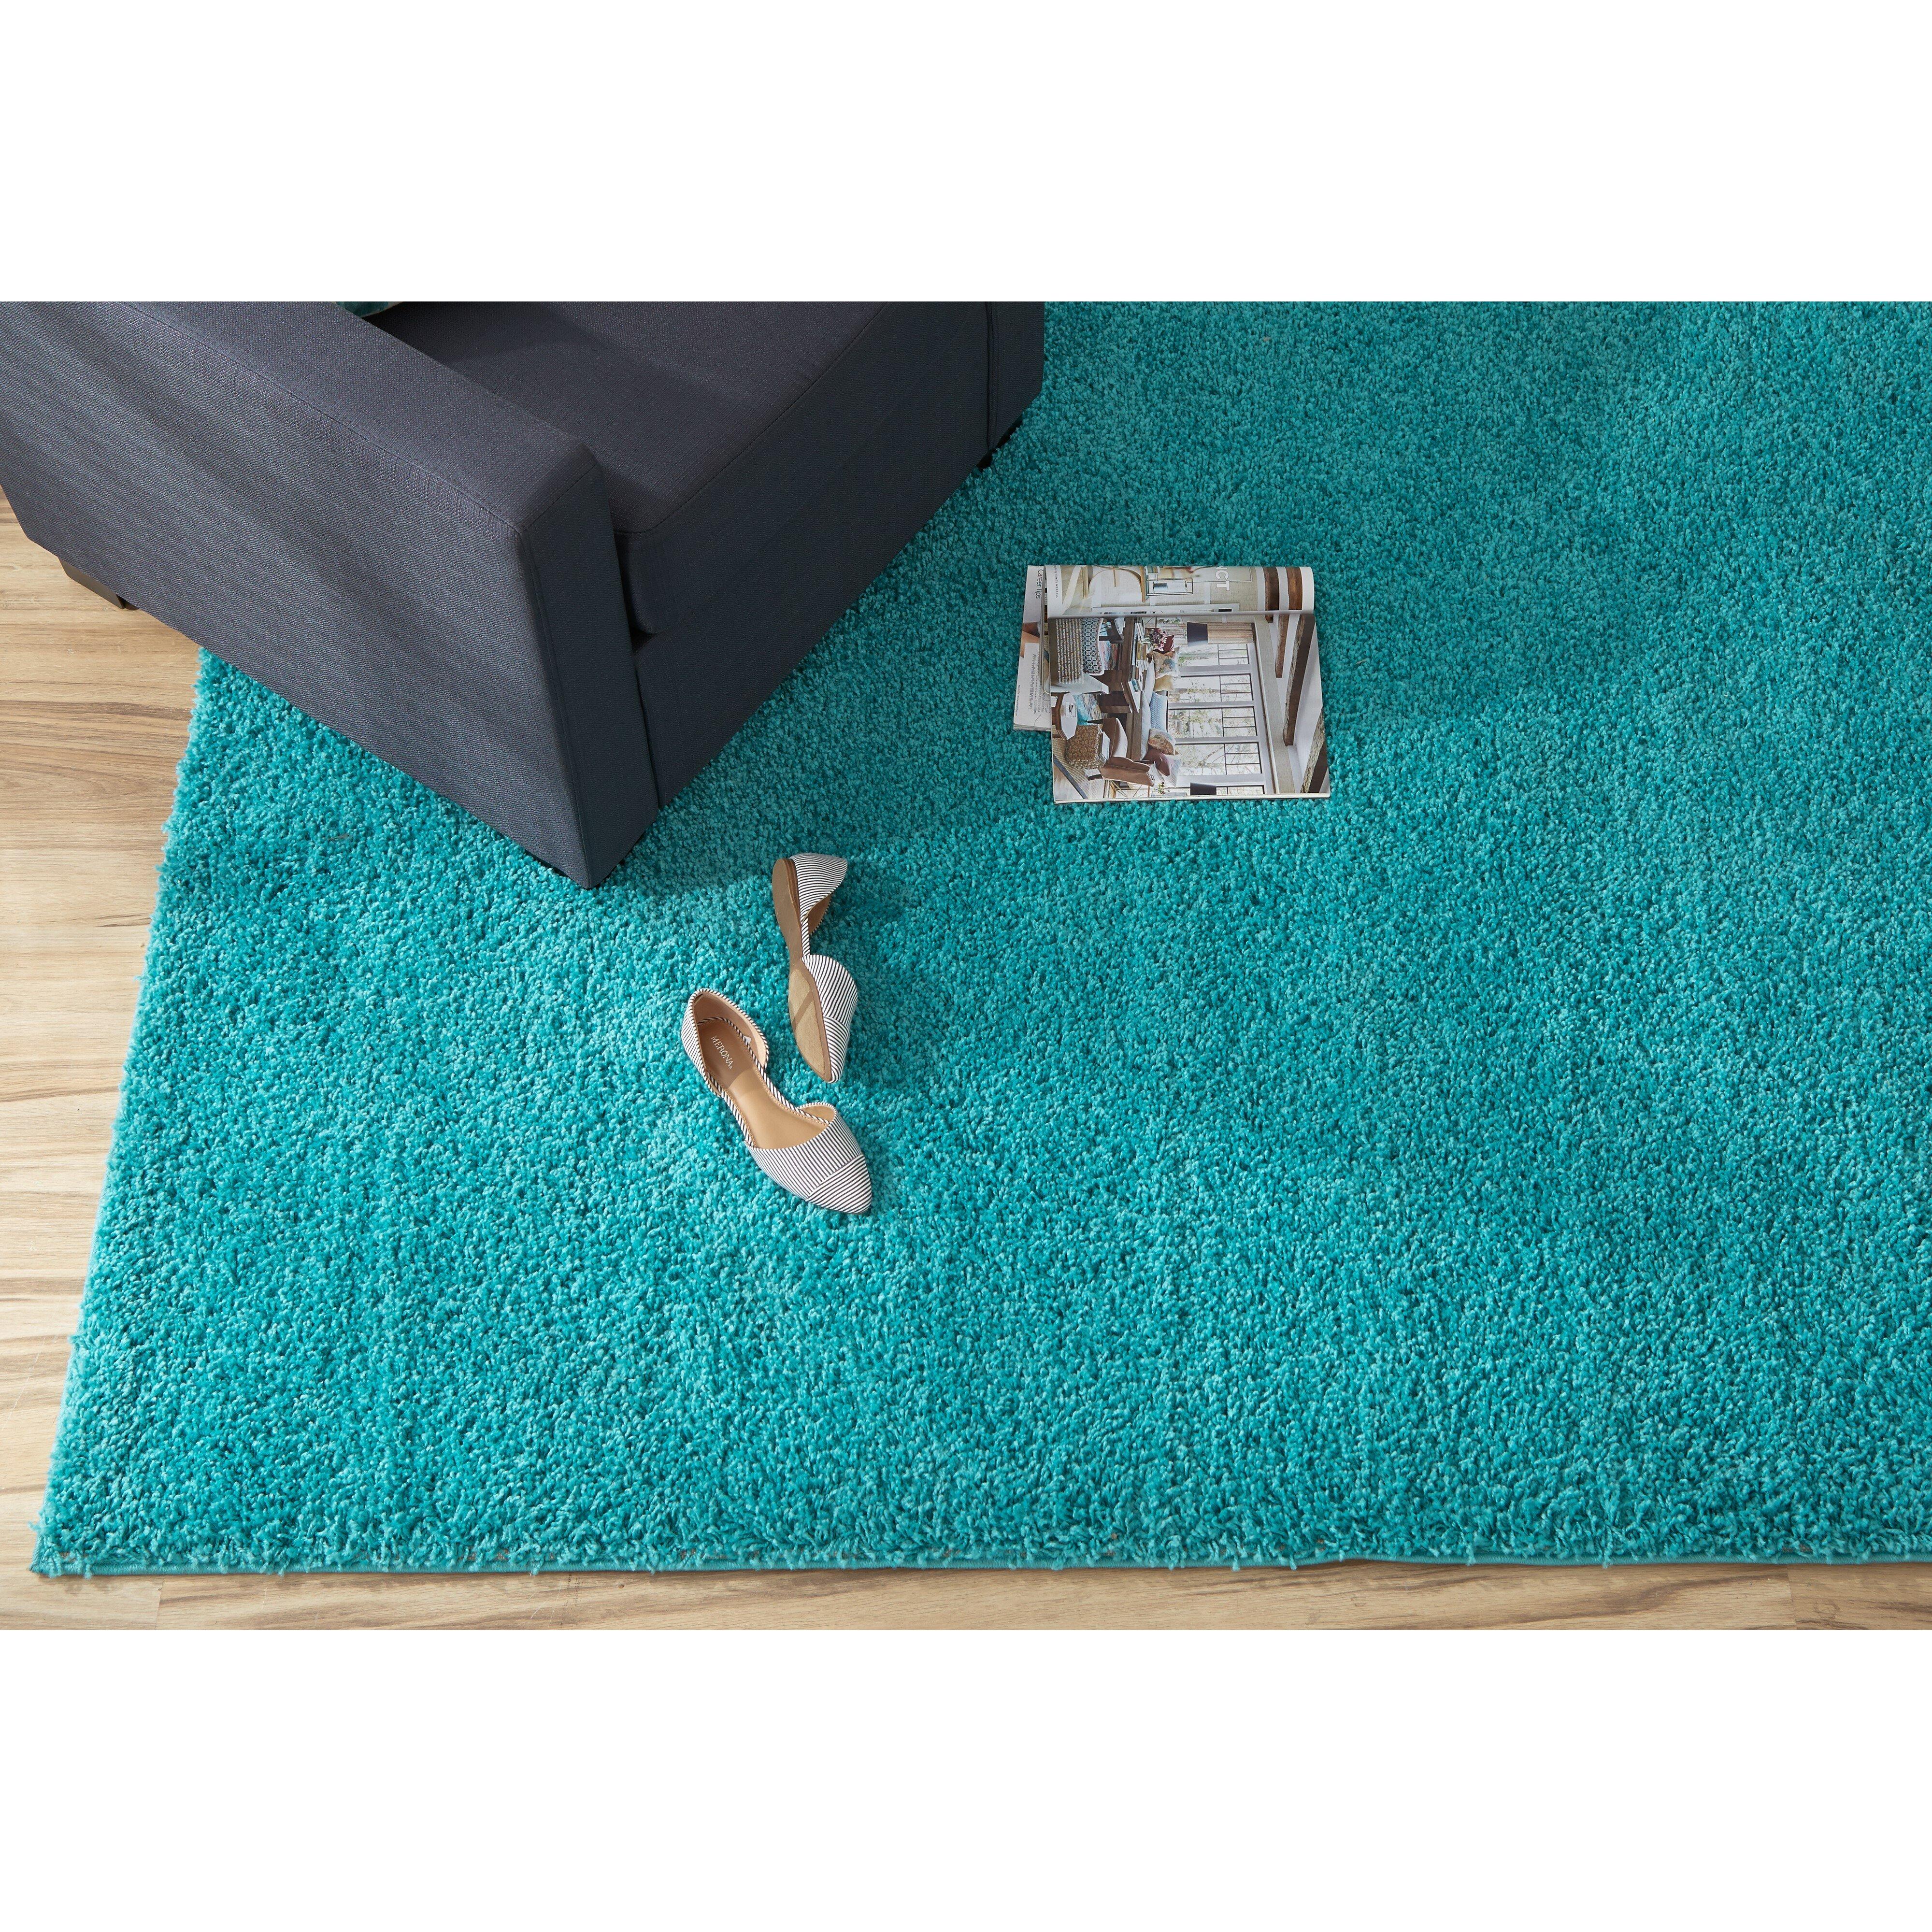 Zoubir Turquoise Area Rug Reviews: Zipcode™ Design Alexis Turquoise Area Rug & Reviews